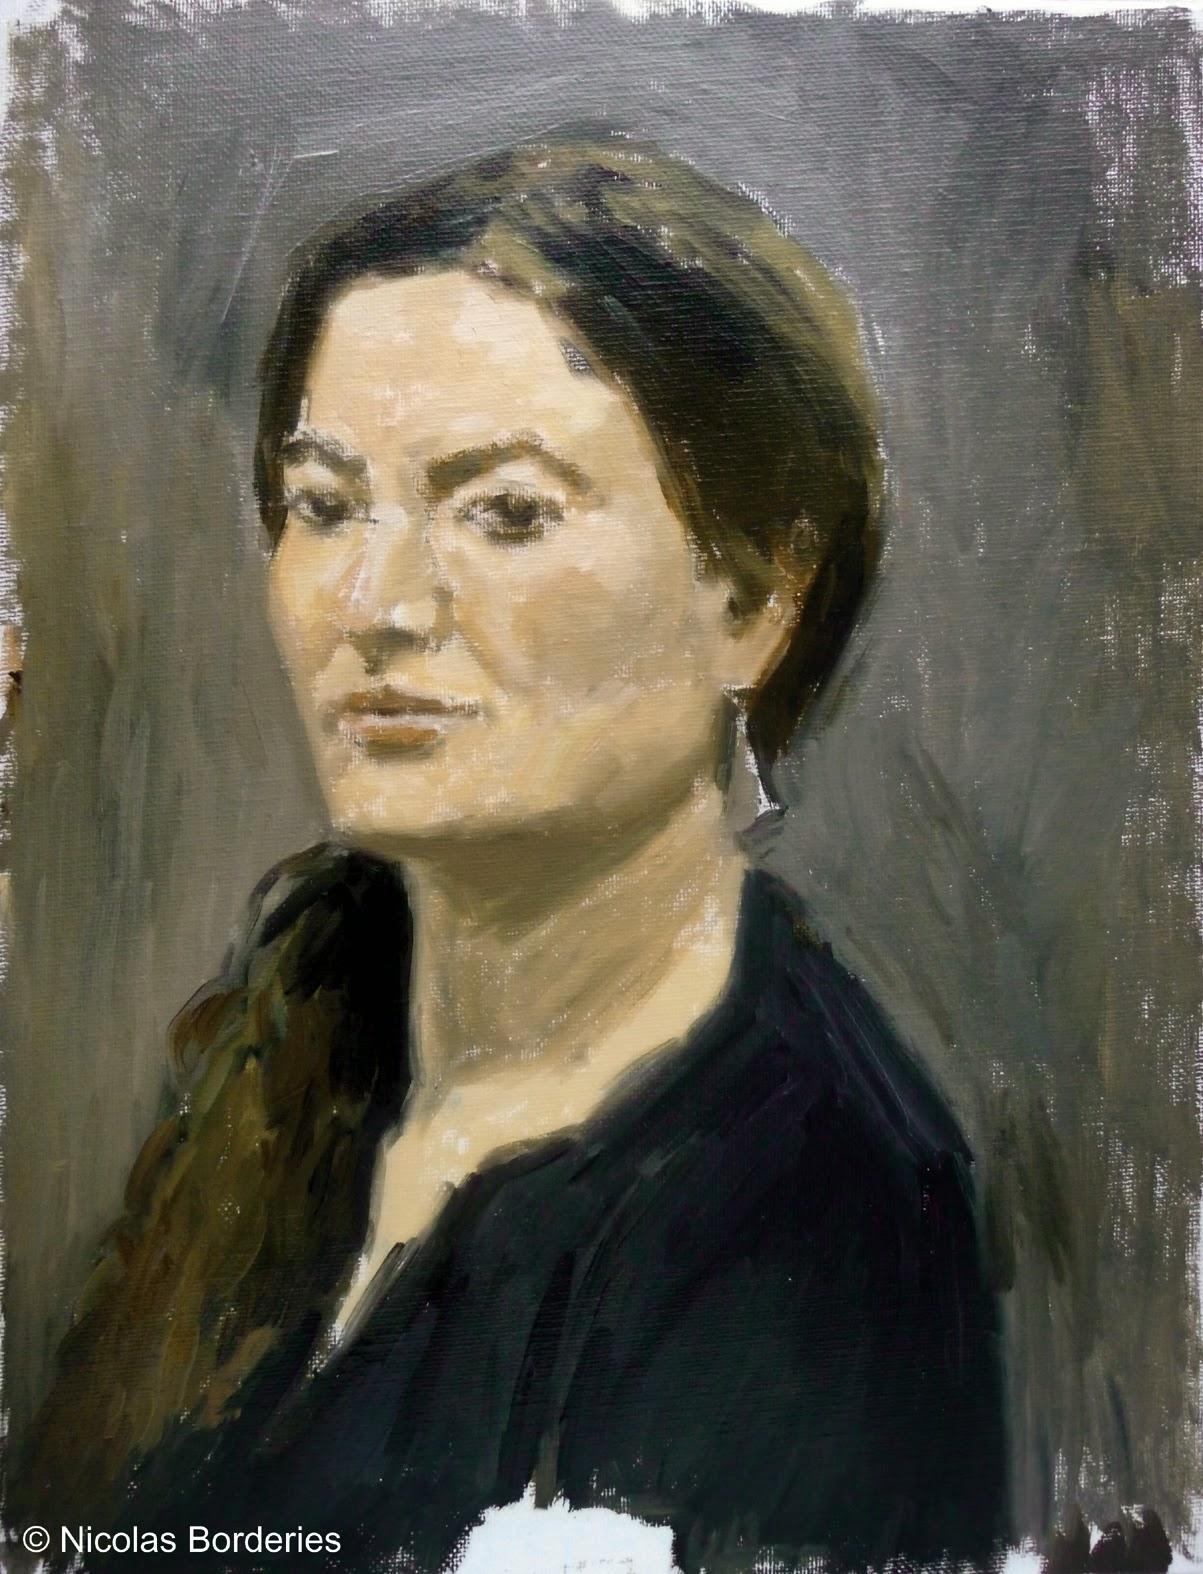 Nicolas Borderies Peintures Portrait de Tanina en trois étapes